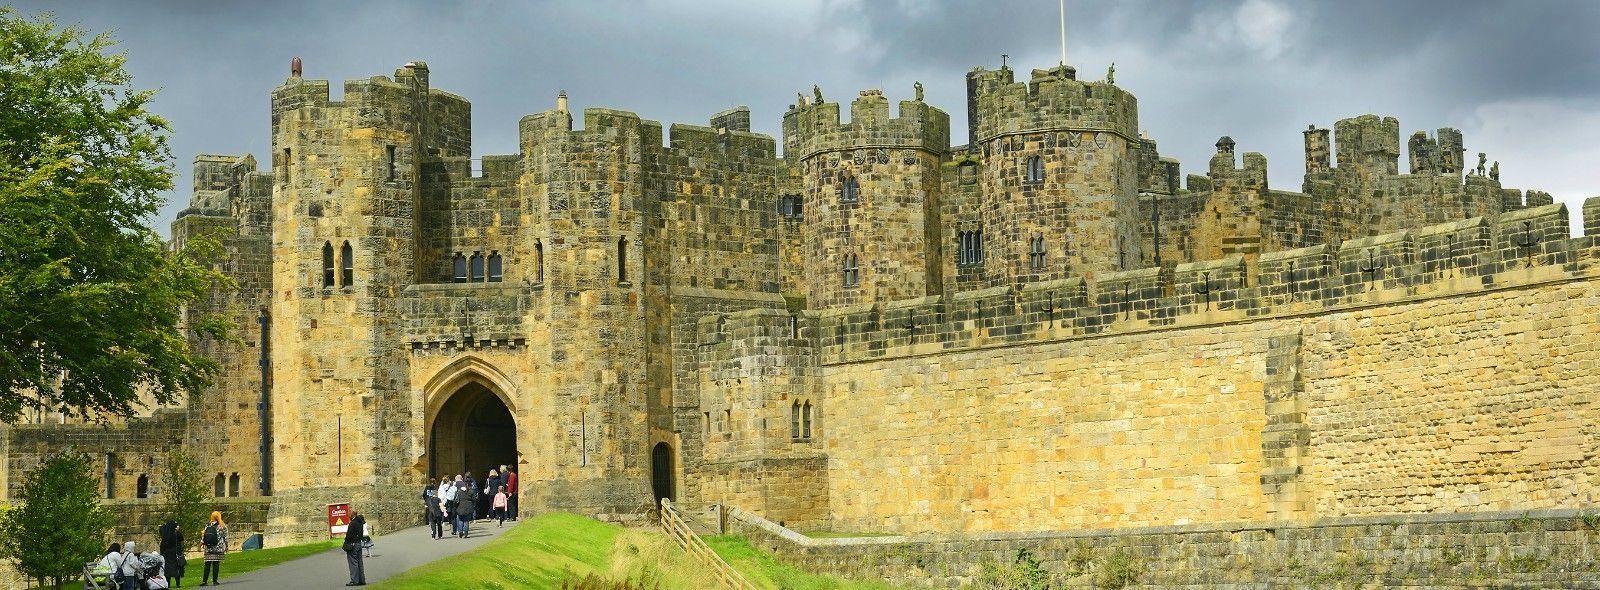 Castello Hogwarts: dove si trova e come arrivare